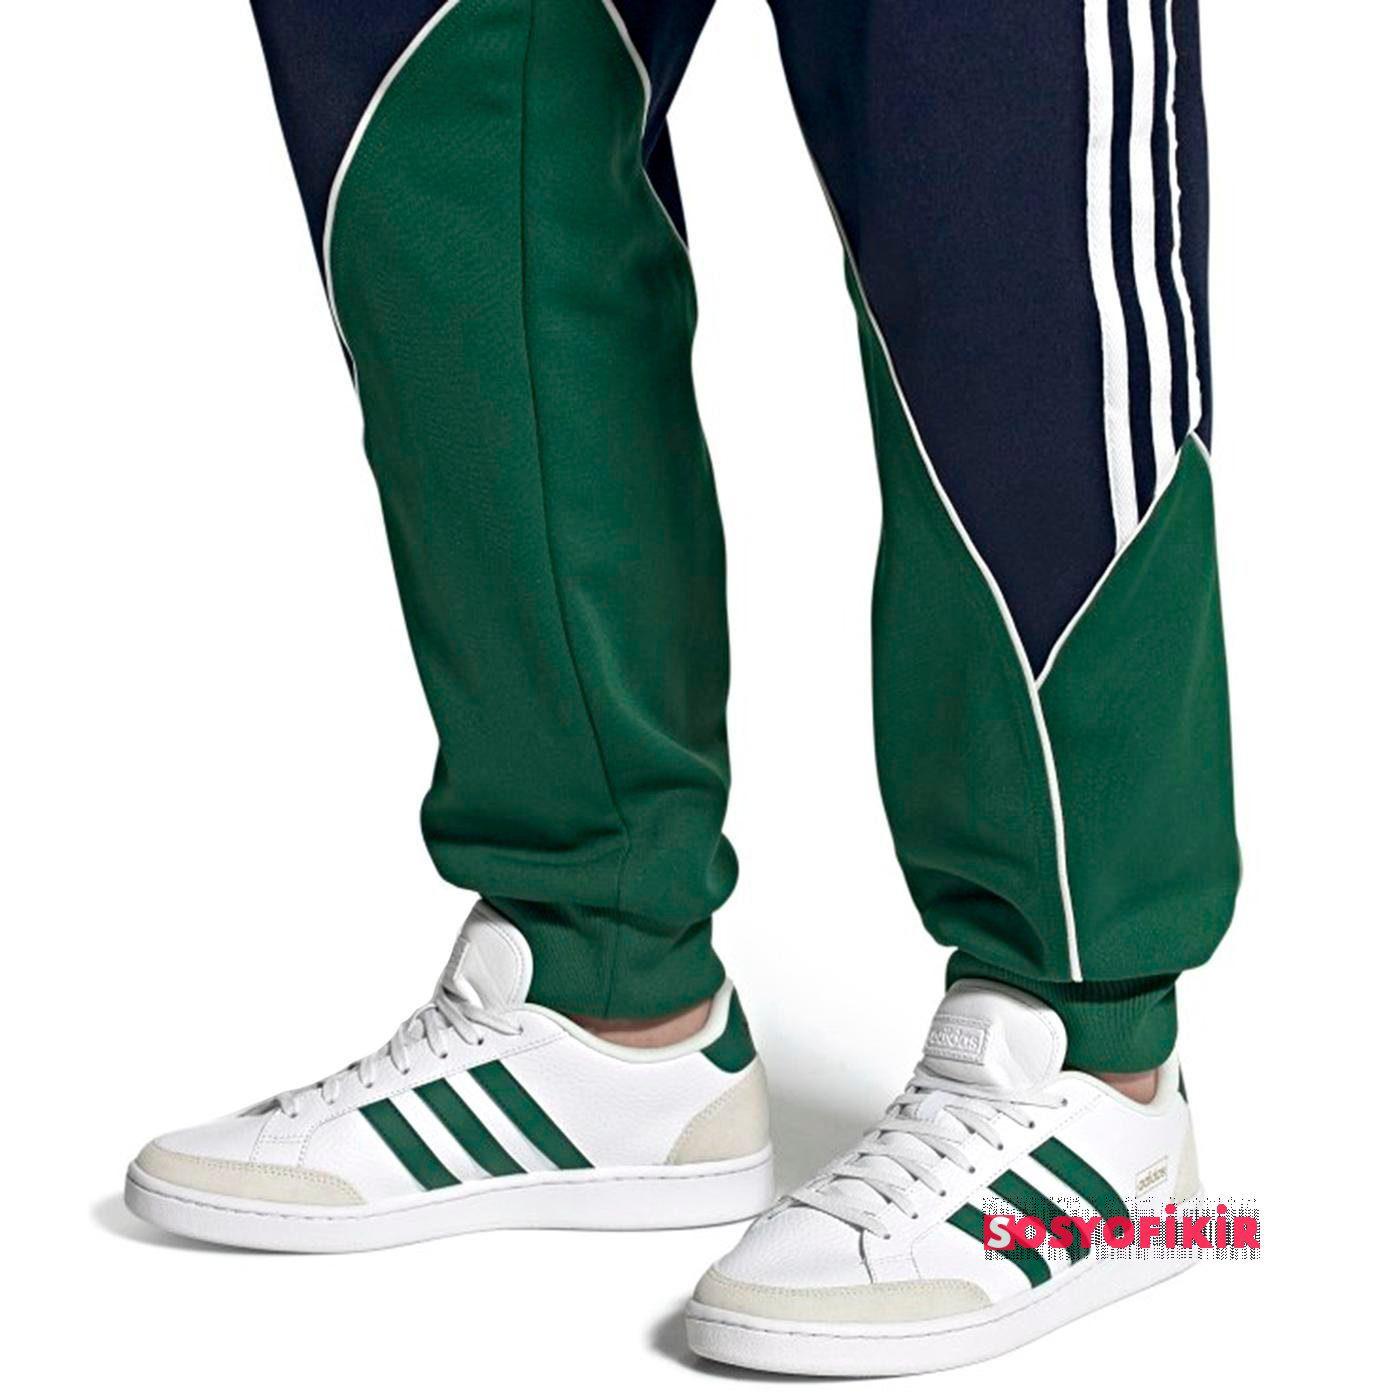 adidas ayakkabı 1